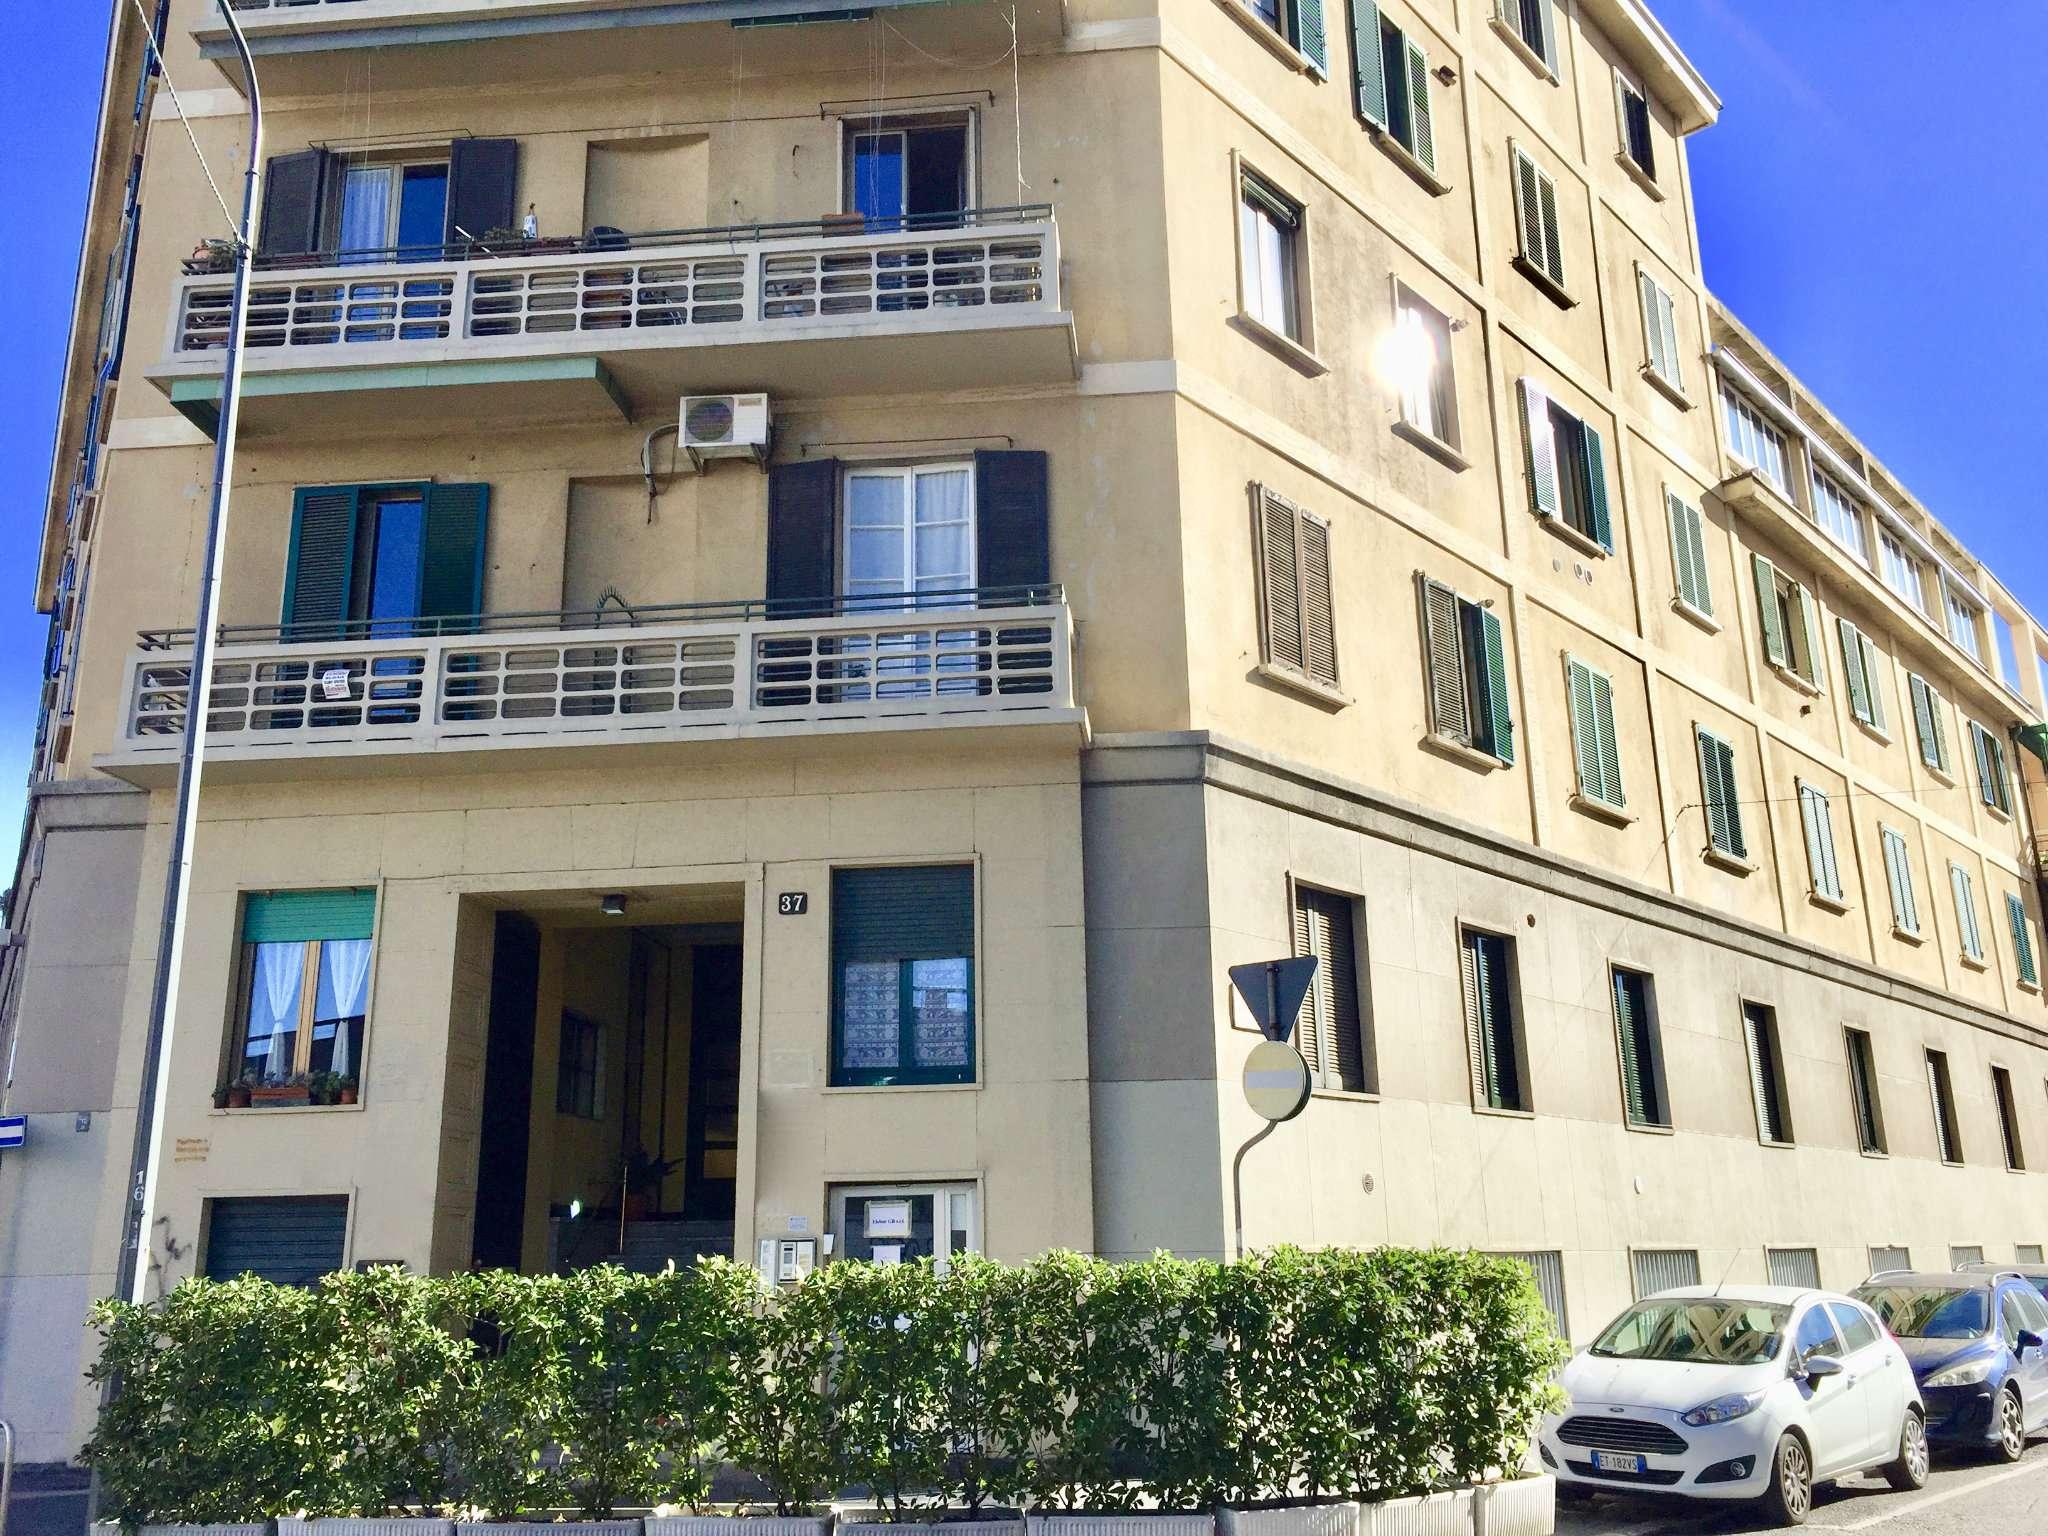 Appartamento in Vendita a Milano 29 Certosa / Bovisa / Dergano / Maciachini / Istria / Testi:  2 locali, 60 mq  - Foto 1